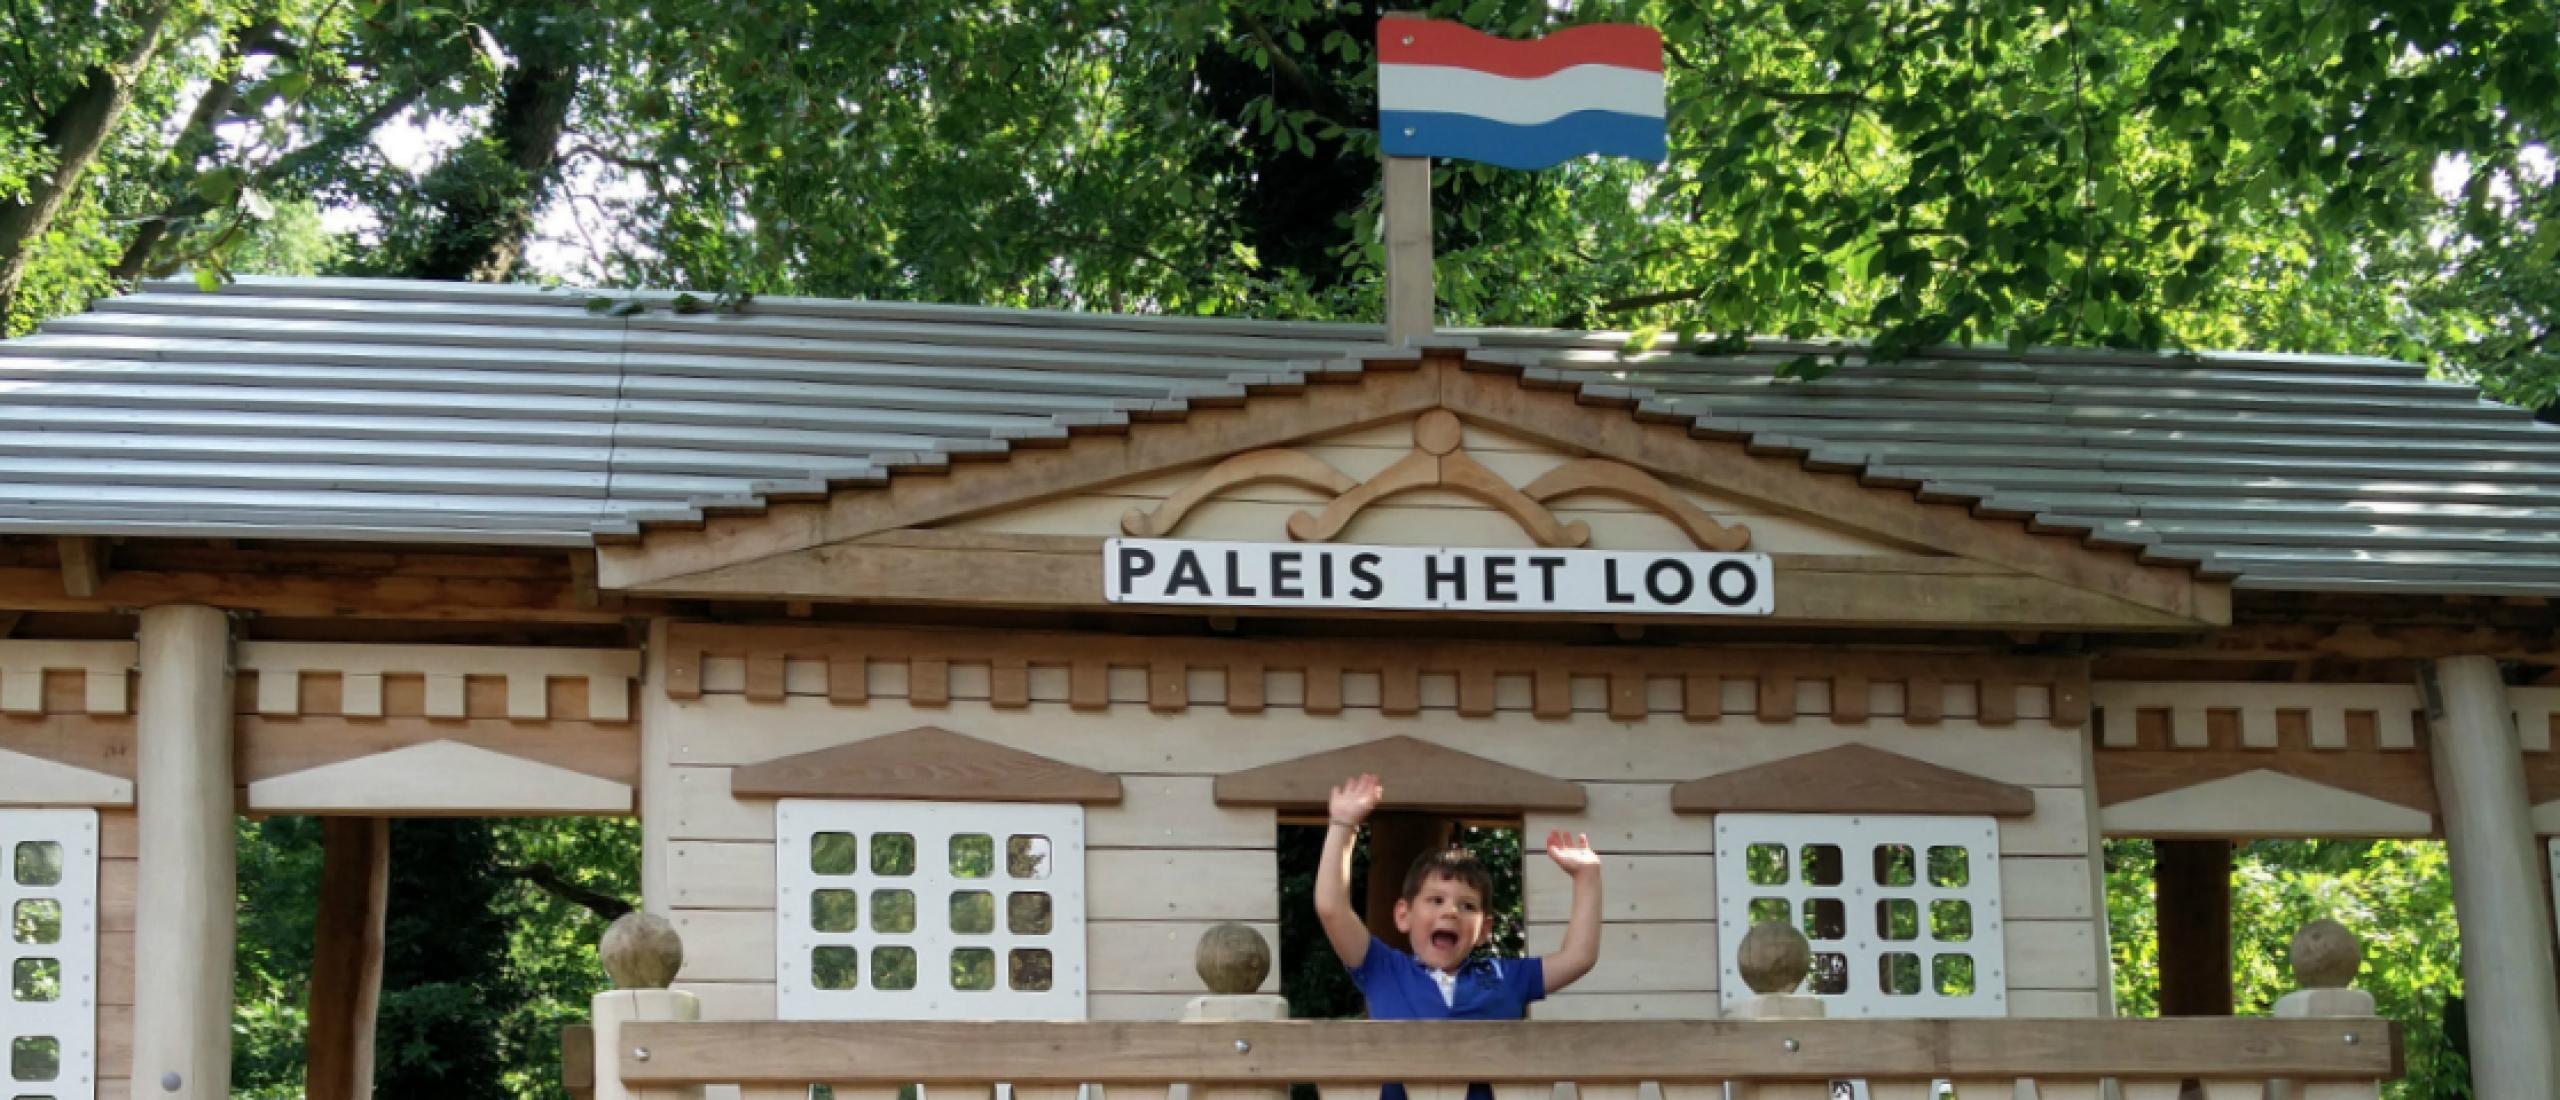 5x leuke musea in Gelderland (met je Museumkaart)